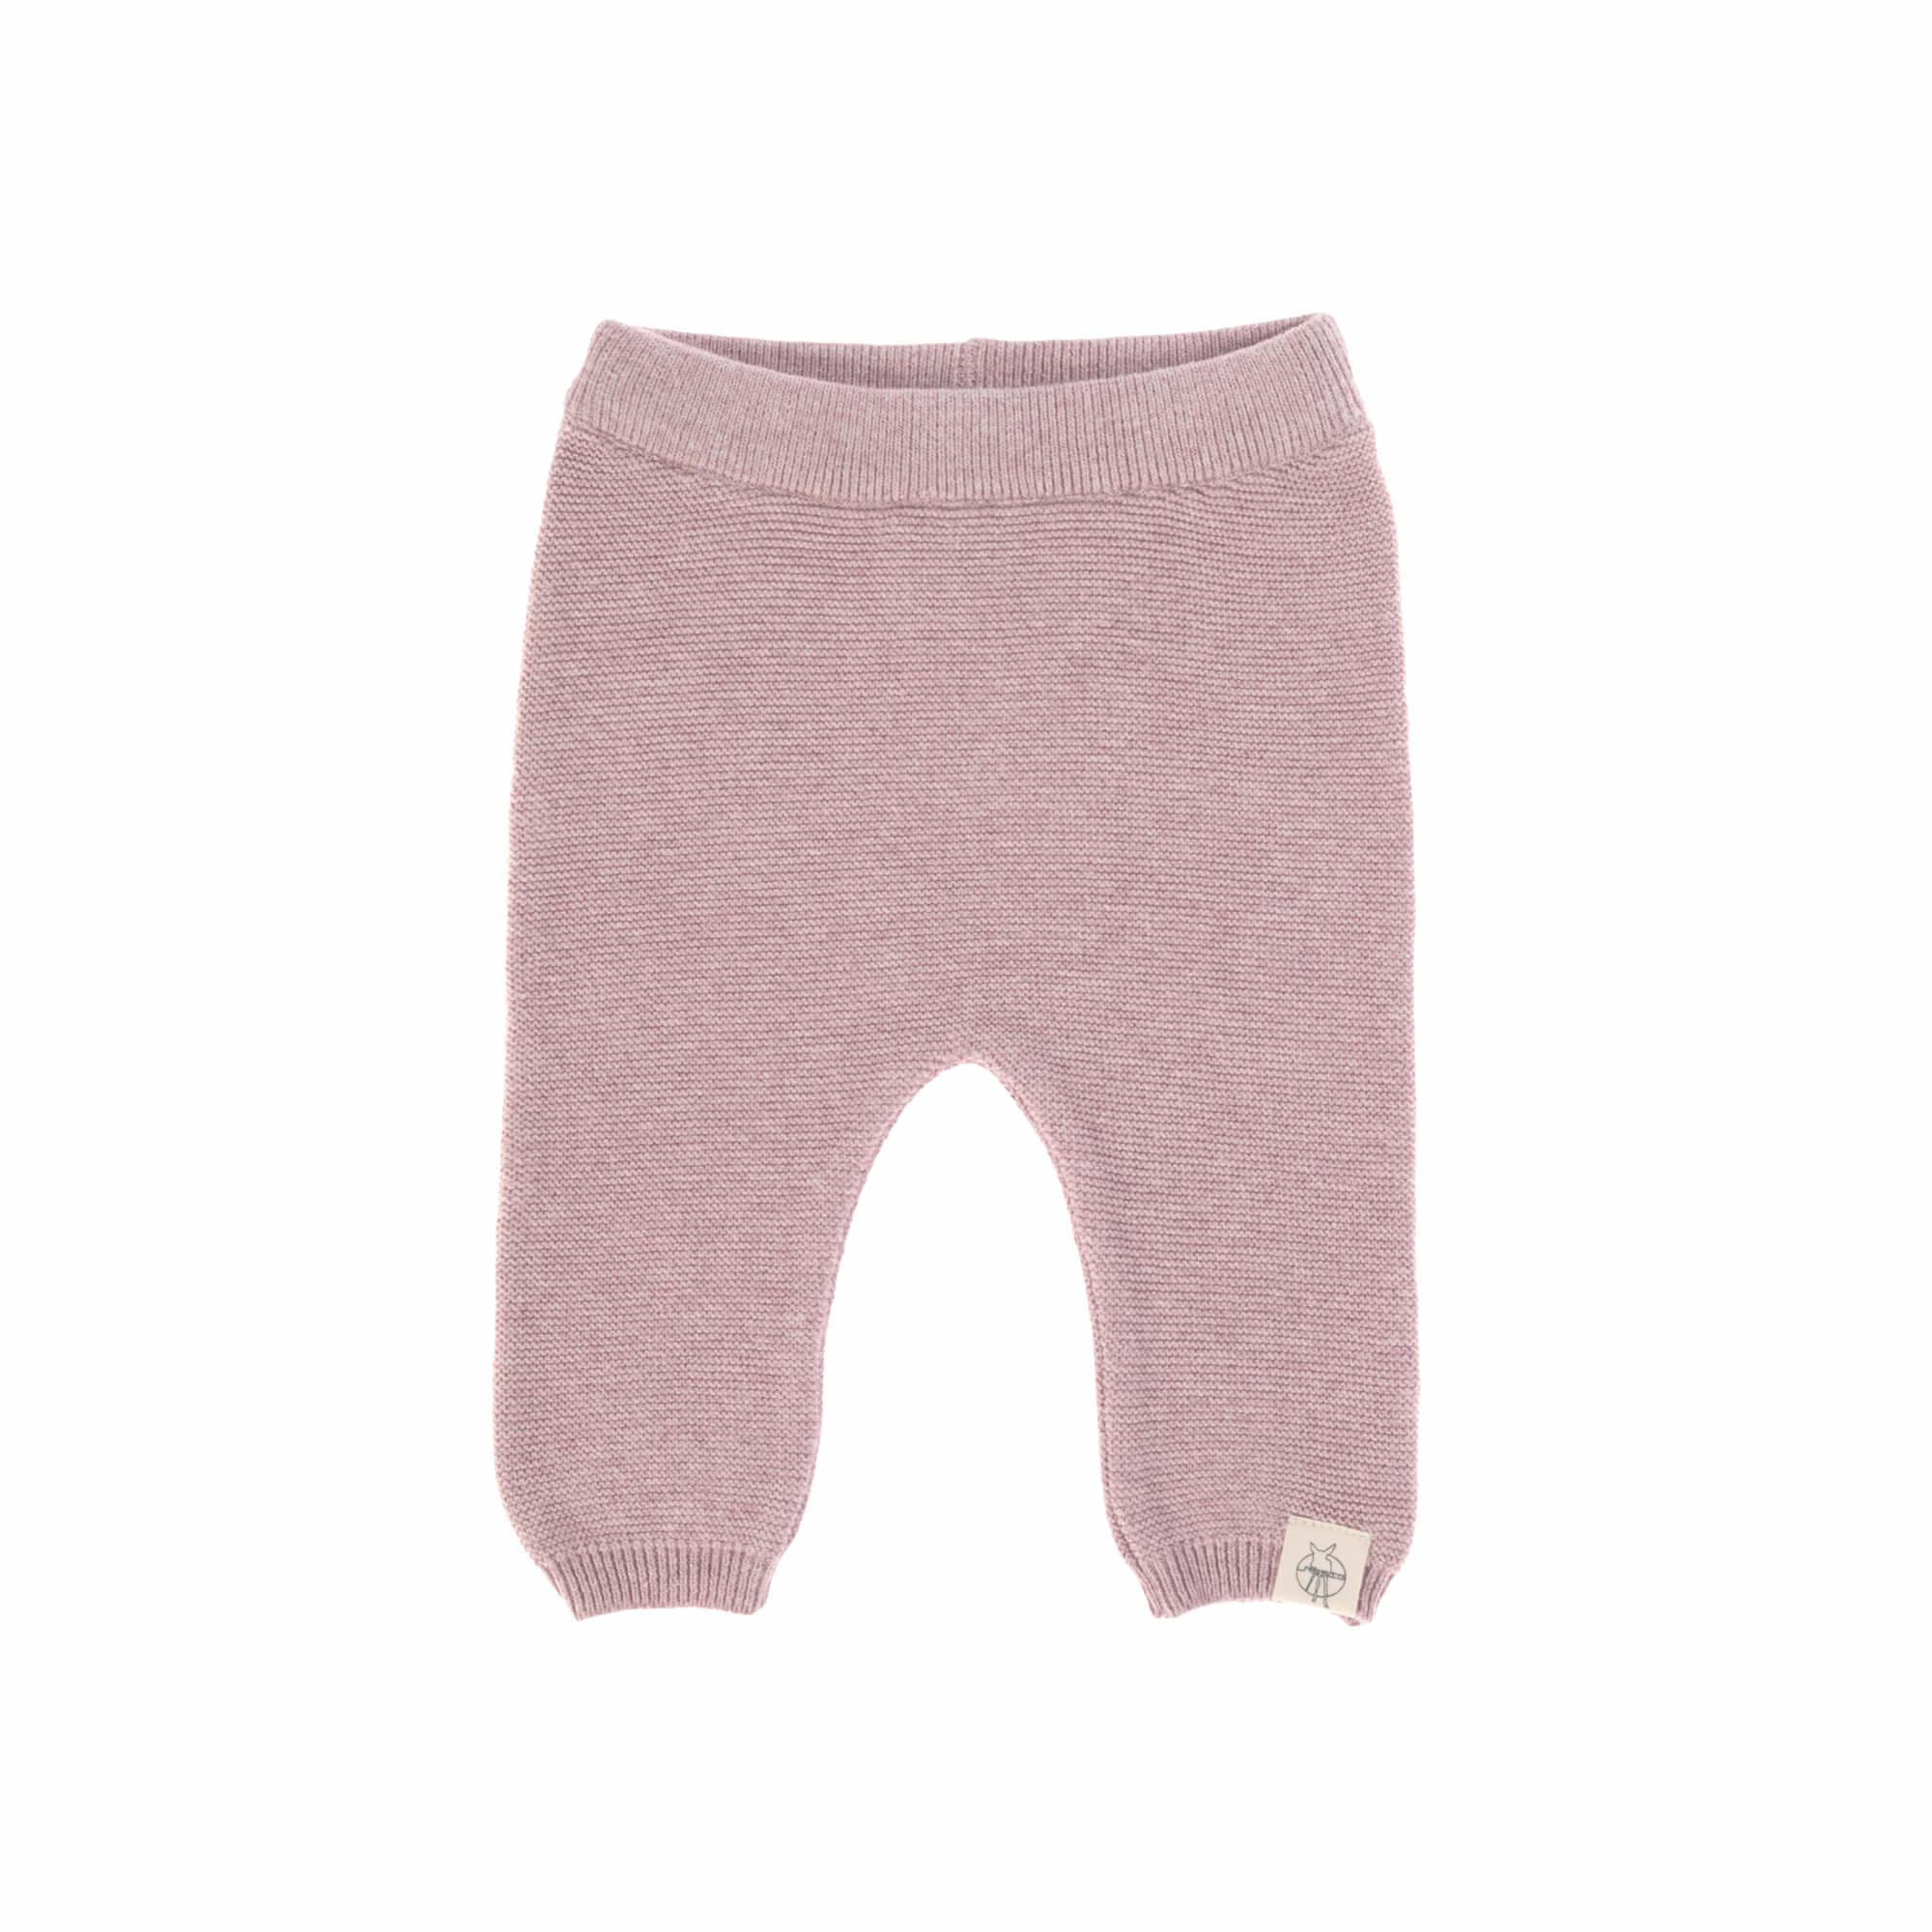 Lässig Lässig gebreide baby broek GOTS Garden Explorer light pink 62-68, 2-6 mnd